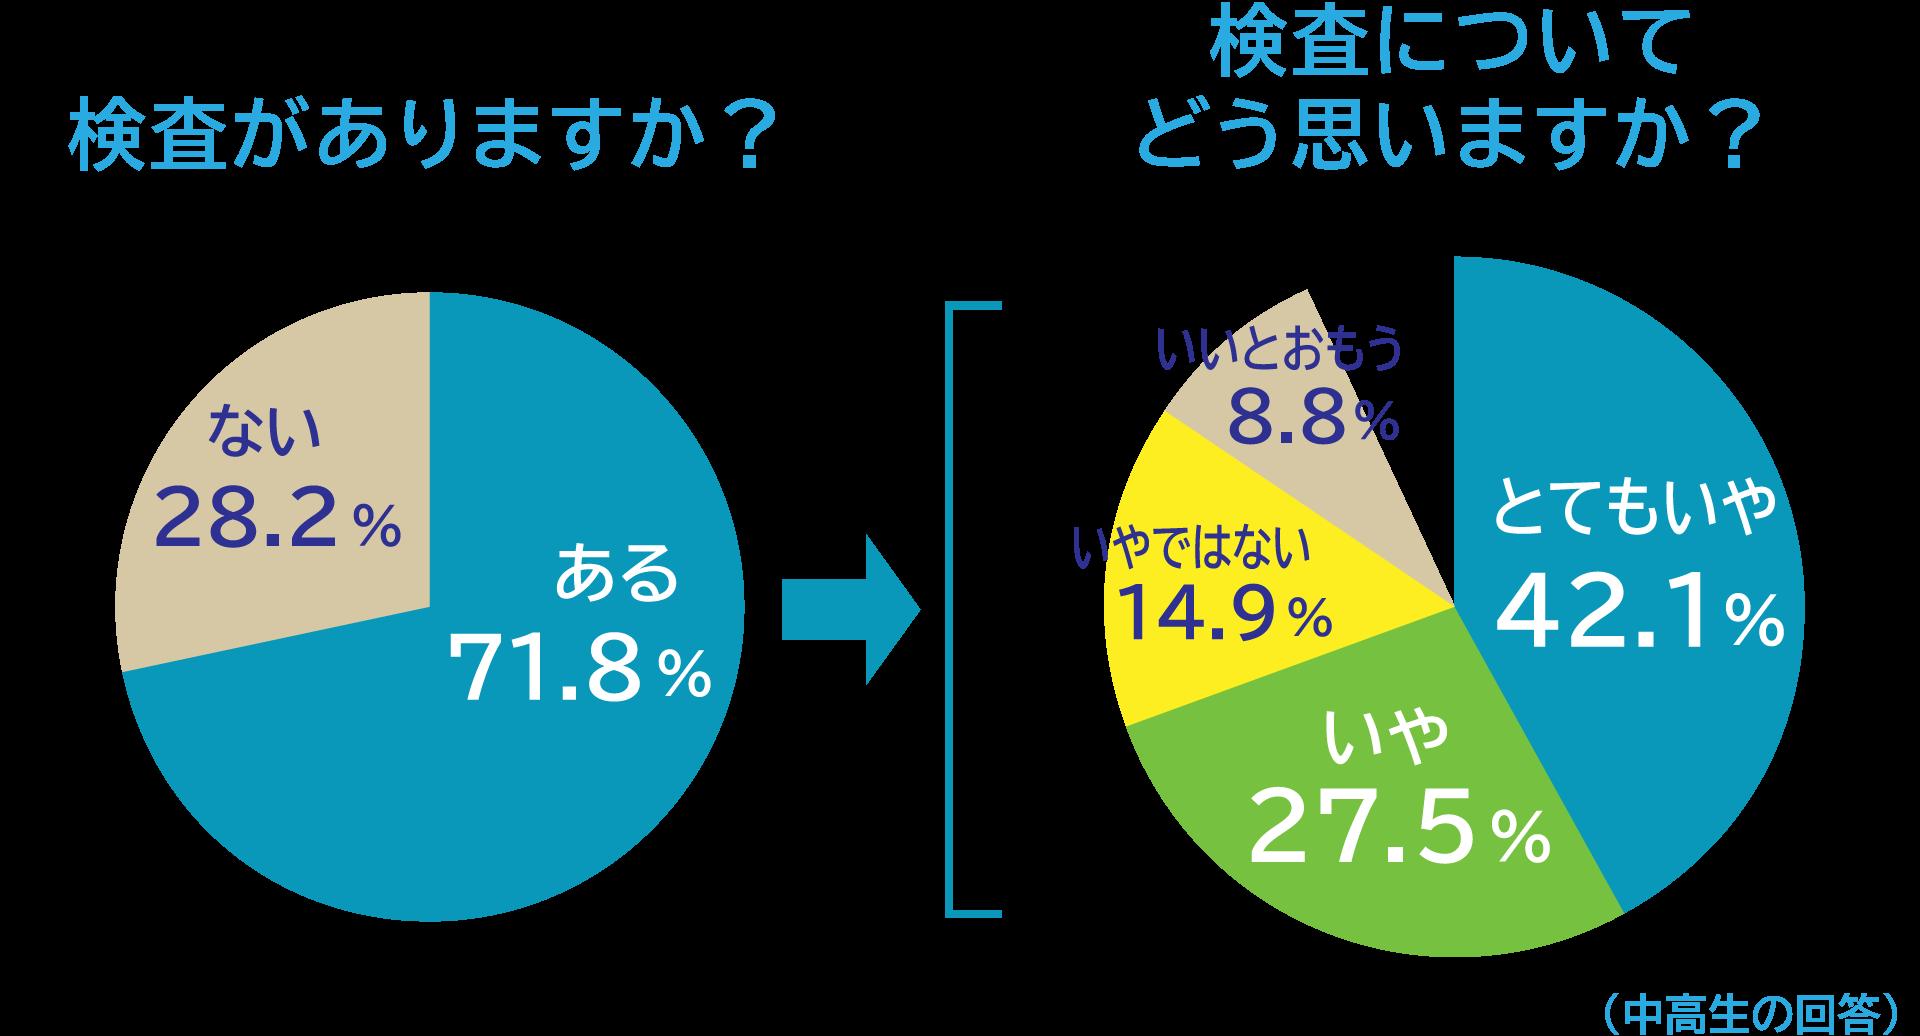 検査がありますか?「ある」71.8%「ない」28.2%、検査についてどう思いますか?「とてもいや」42.1%「いや」27.5%「いやではない」14.9%「いいとおもう」8.8%